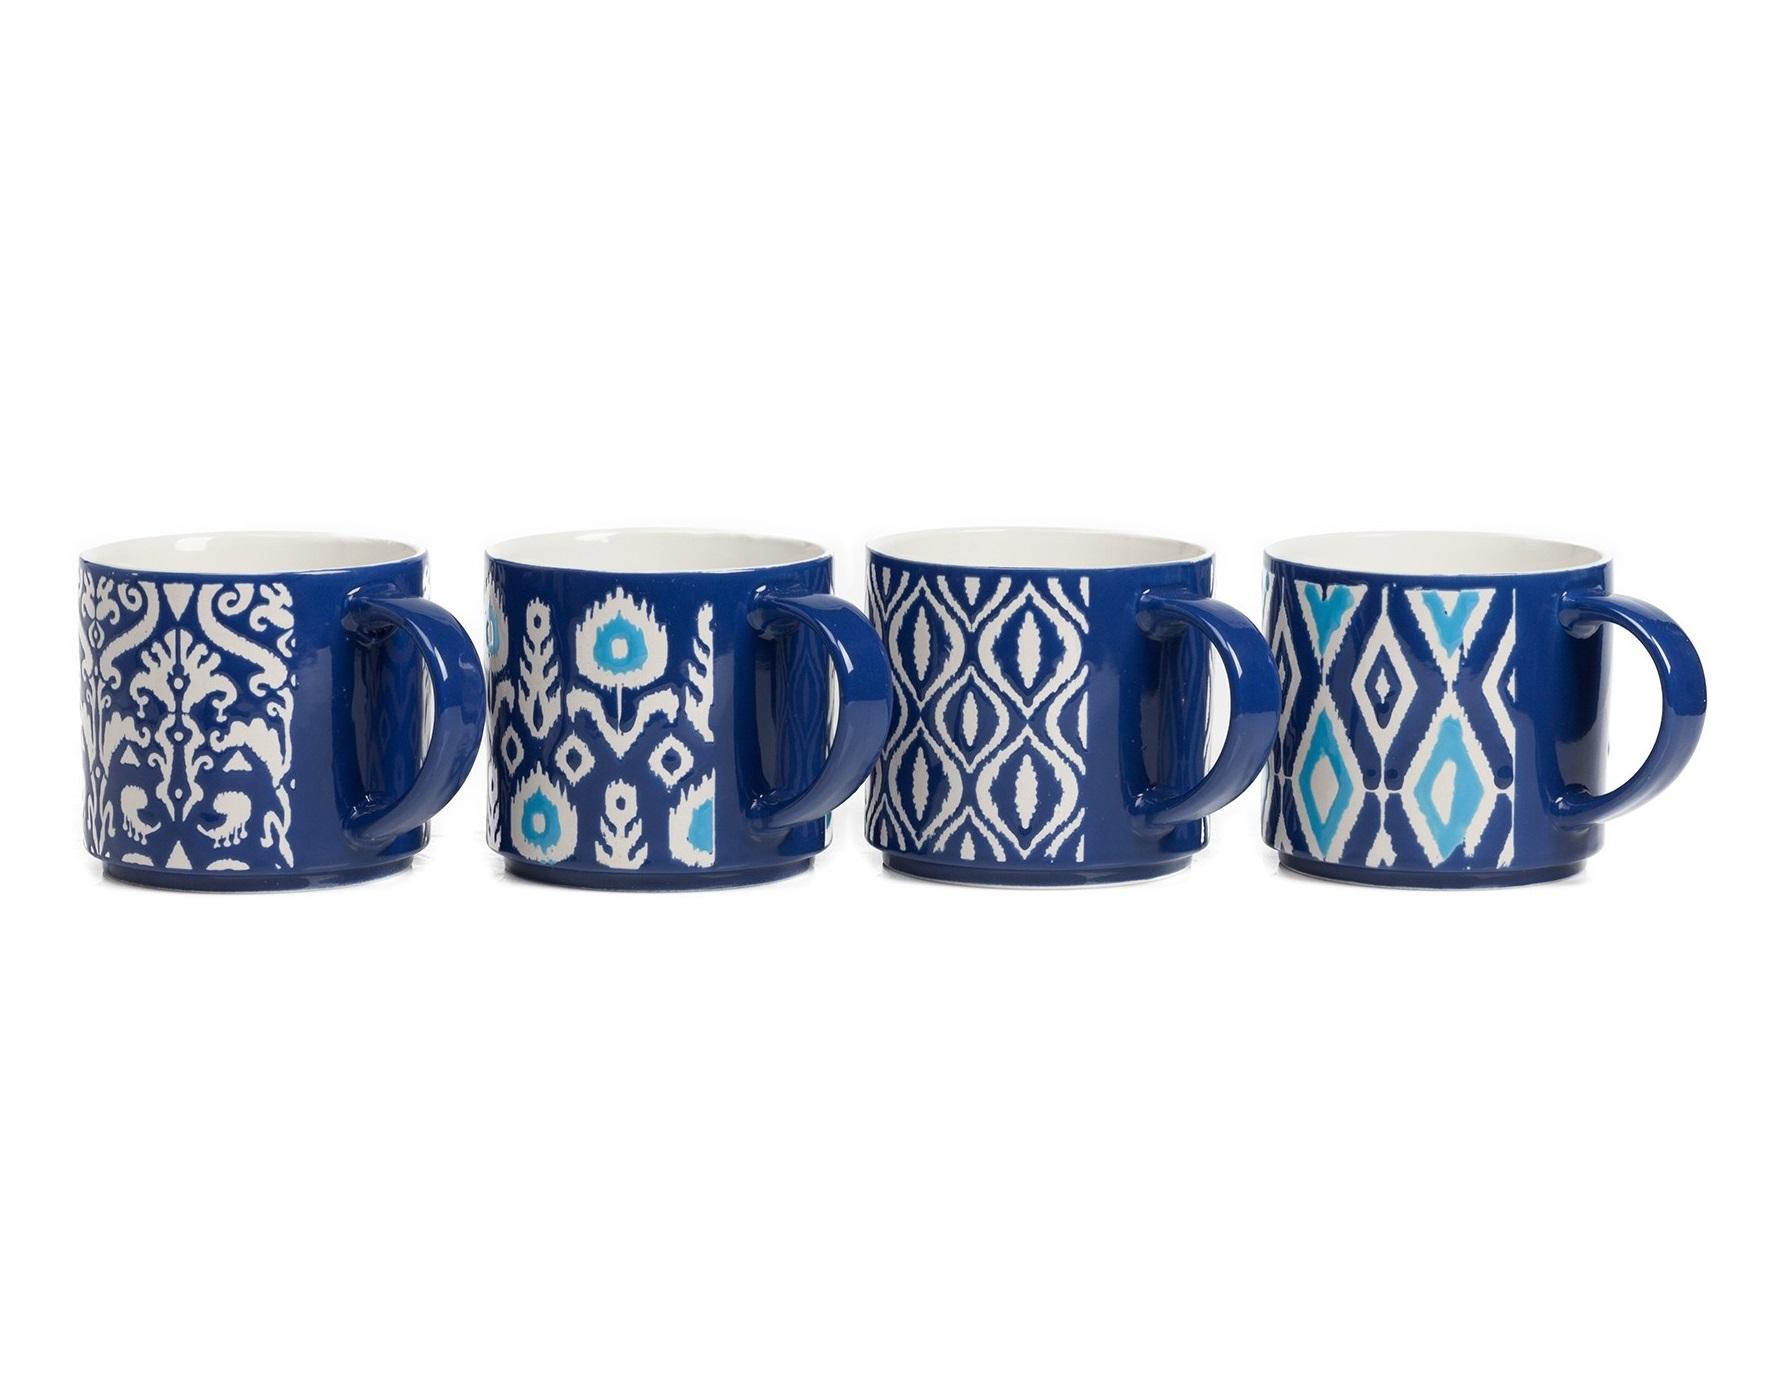 Набор чашек Charmer (4 шт)Чайные пары, чашки и кружки<br><br><br>Material: Керамика<br>Length см: None<br>Width см: 14<br>Depth см: 10<br>Height см: 9